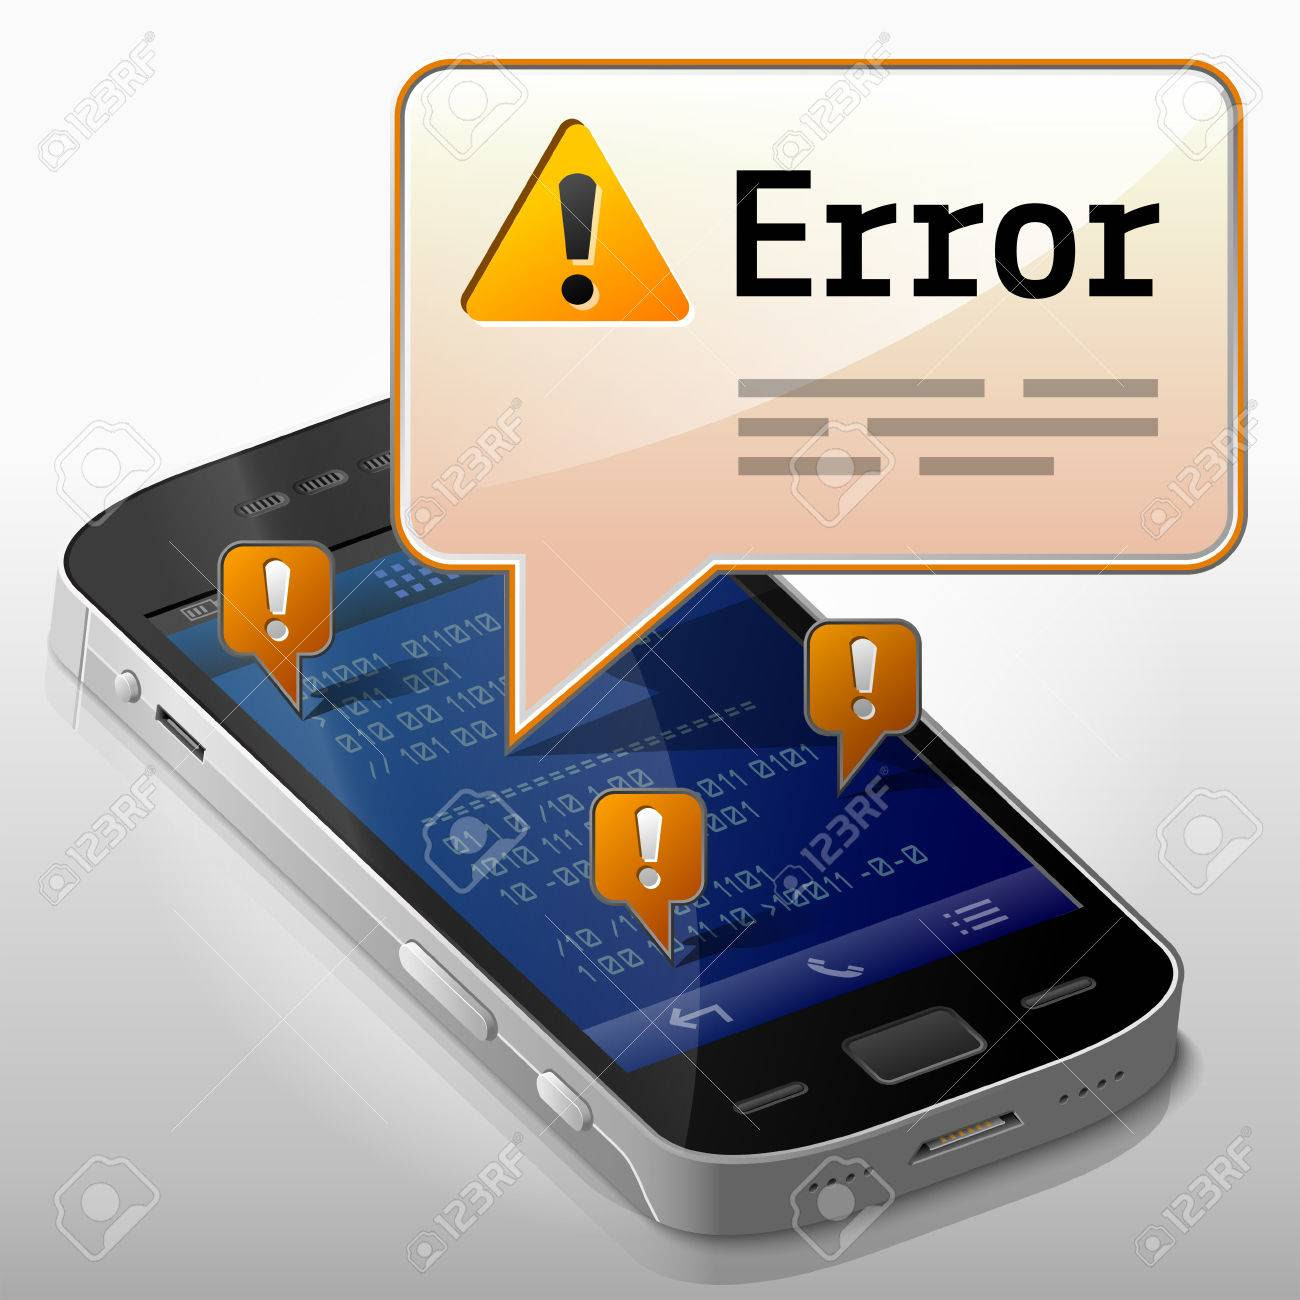 Hasil gambar untuk error phone